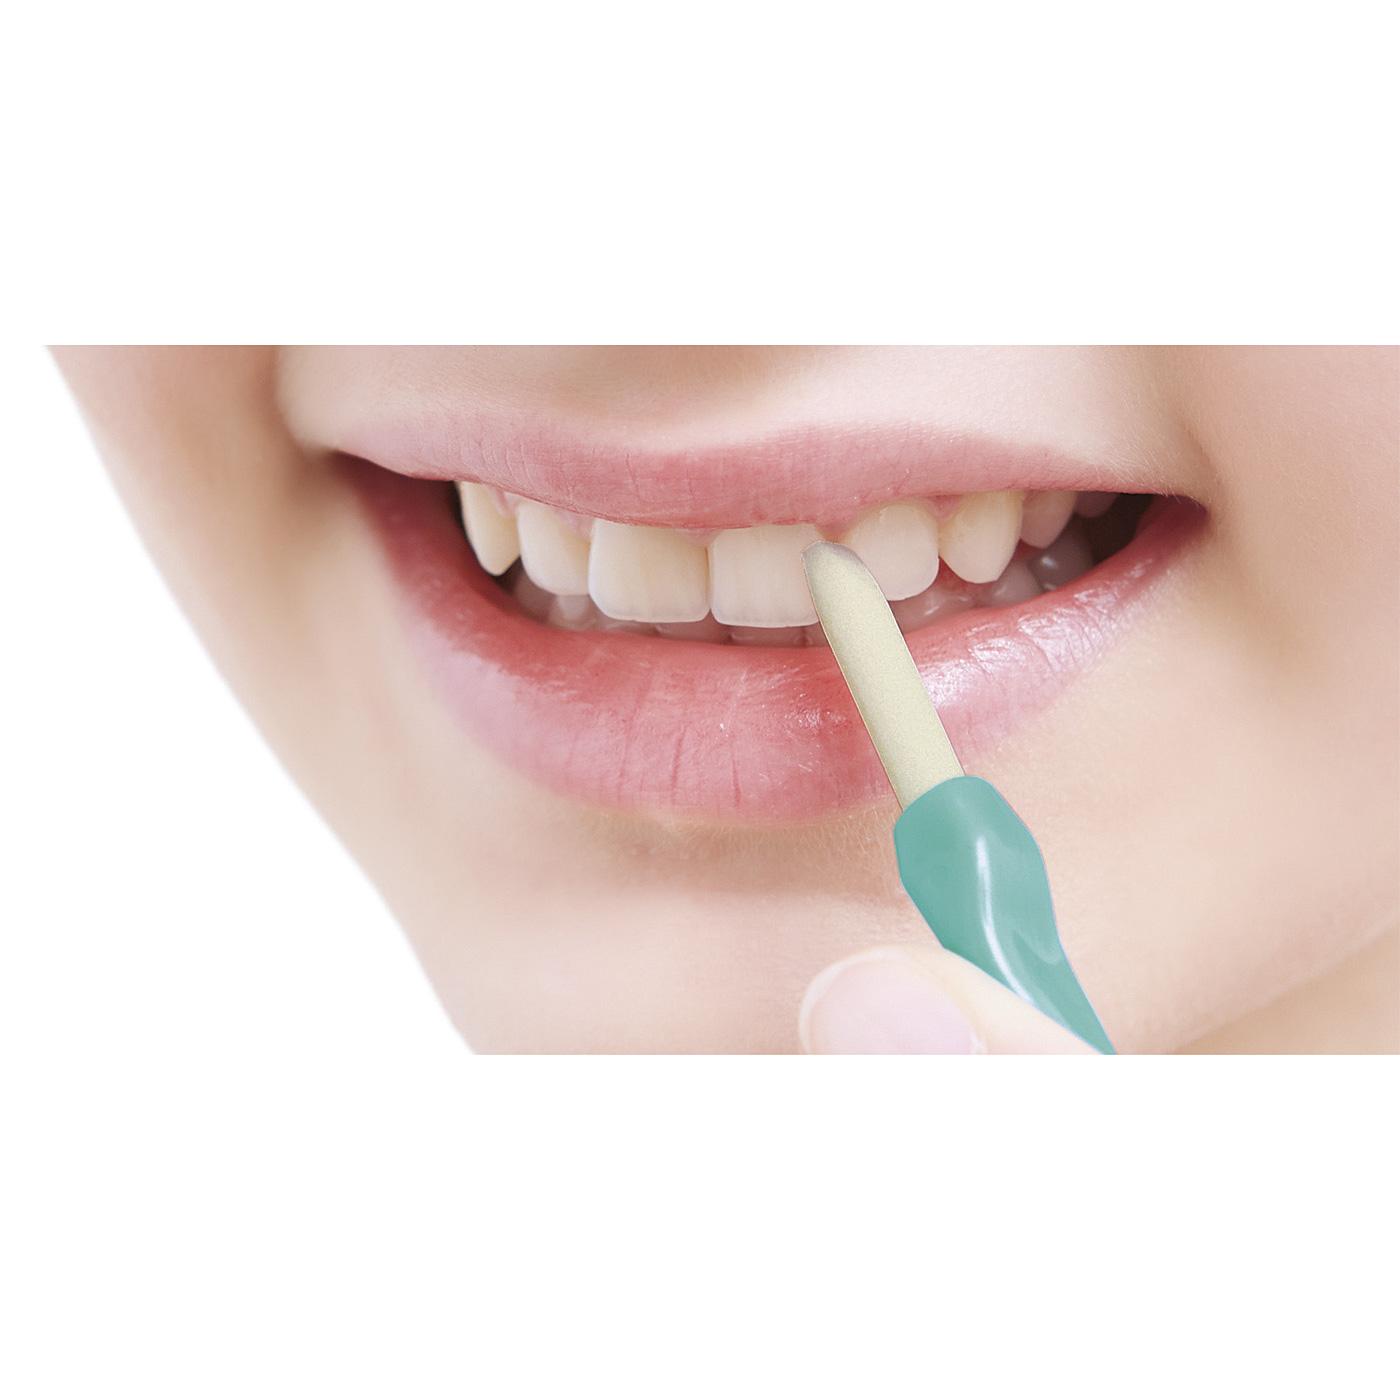 黄ばみ汚れを直接こすり落とすのに、歯への摩擦はやさしい設計。